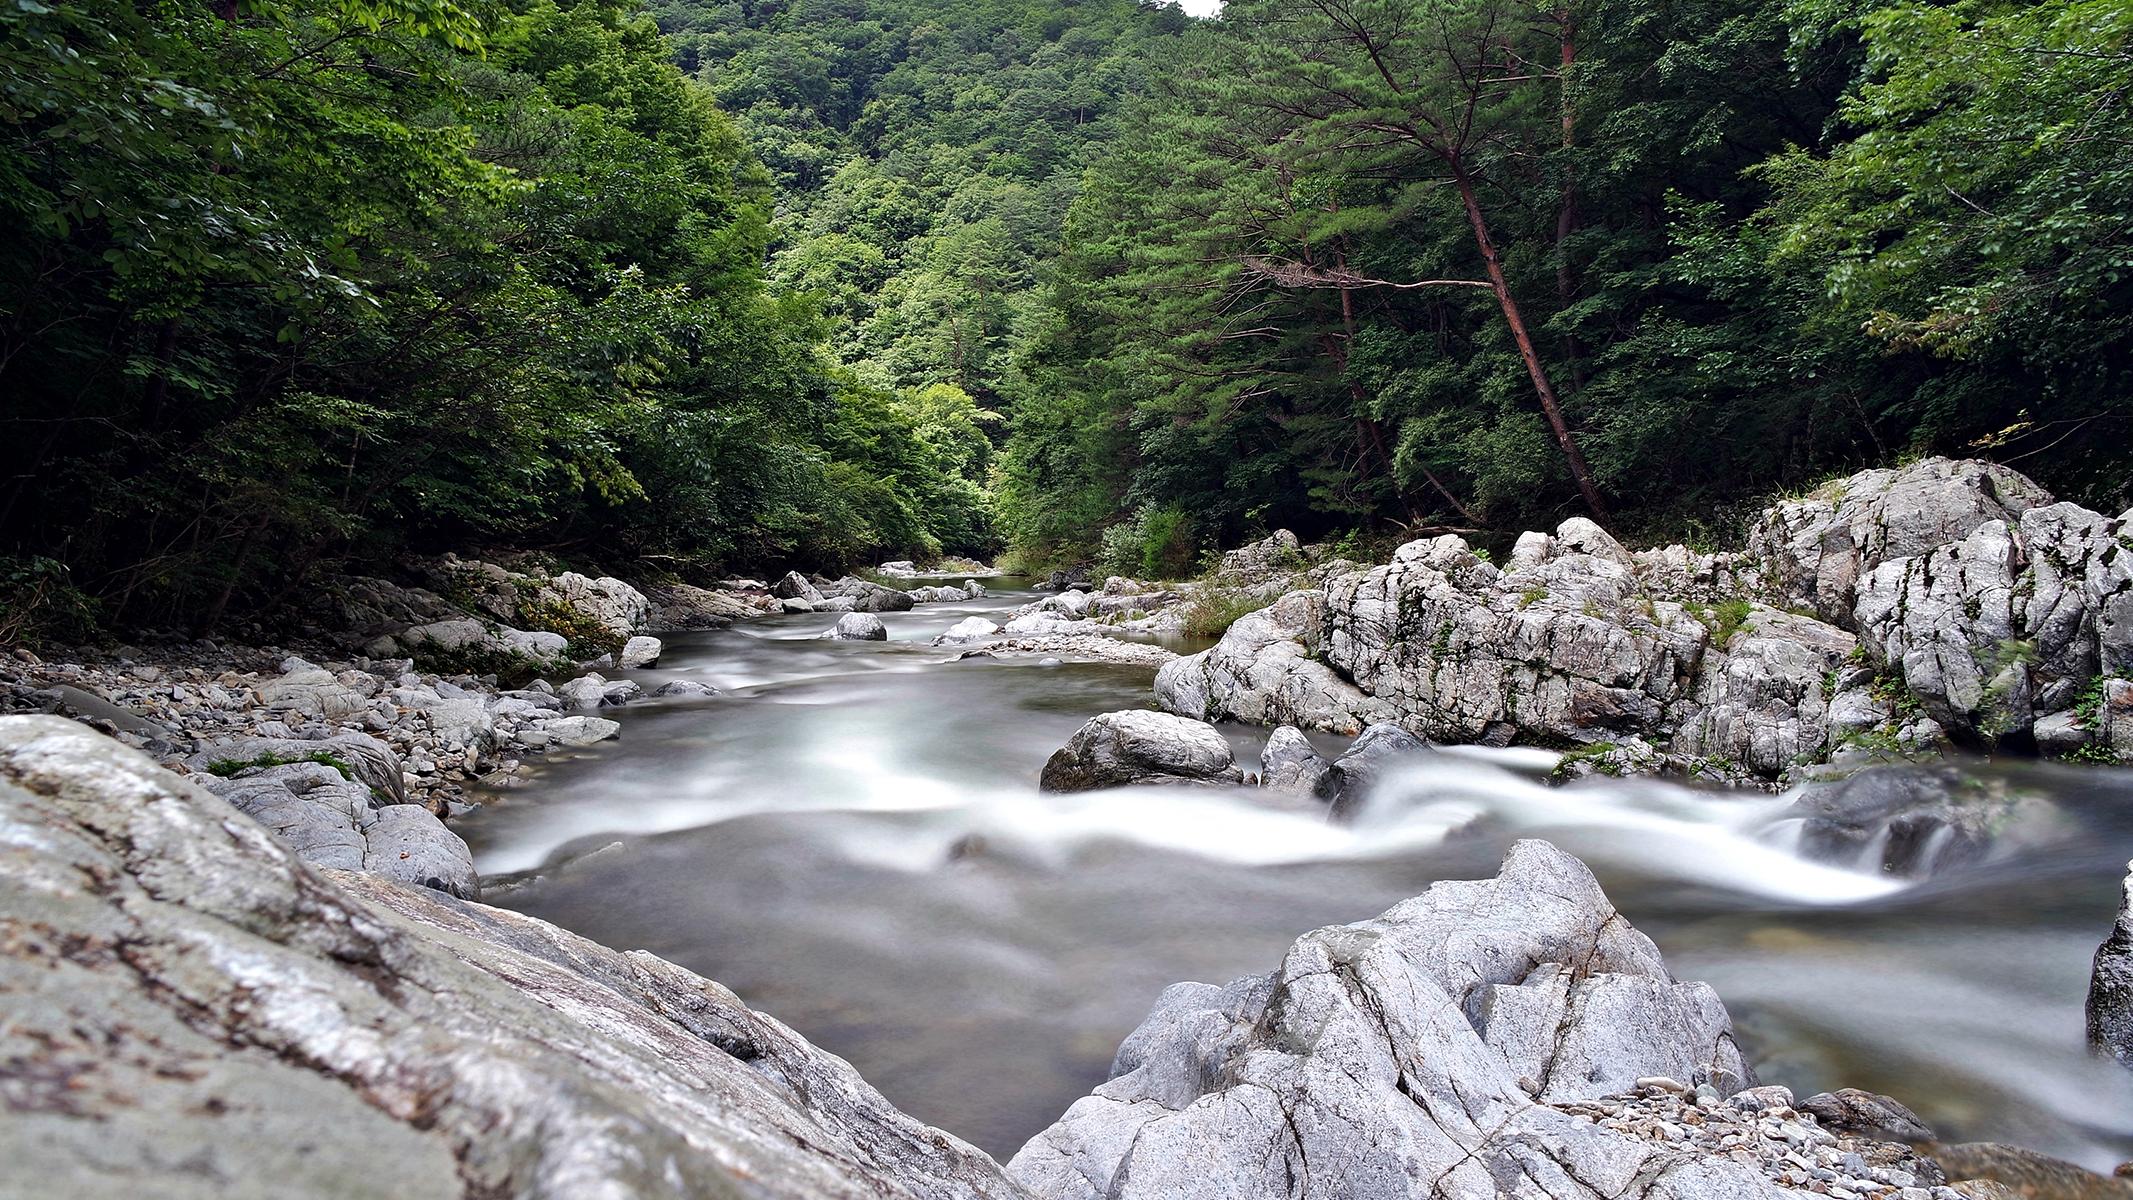 [산행 포인트] 아침가리골 트레킹...더위는 물길에 보내고 청정 추억만 한아름 담는다